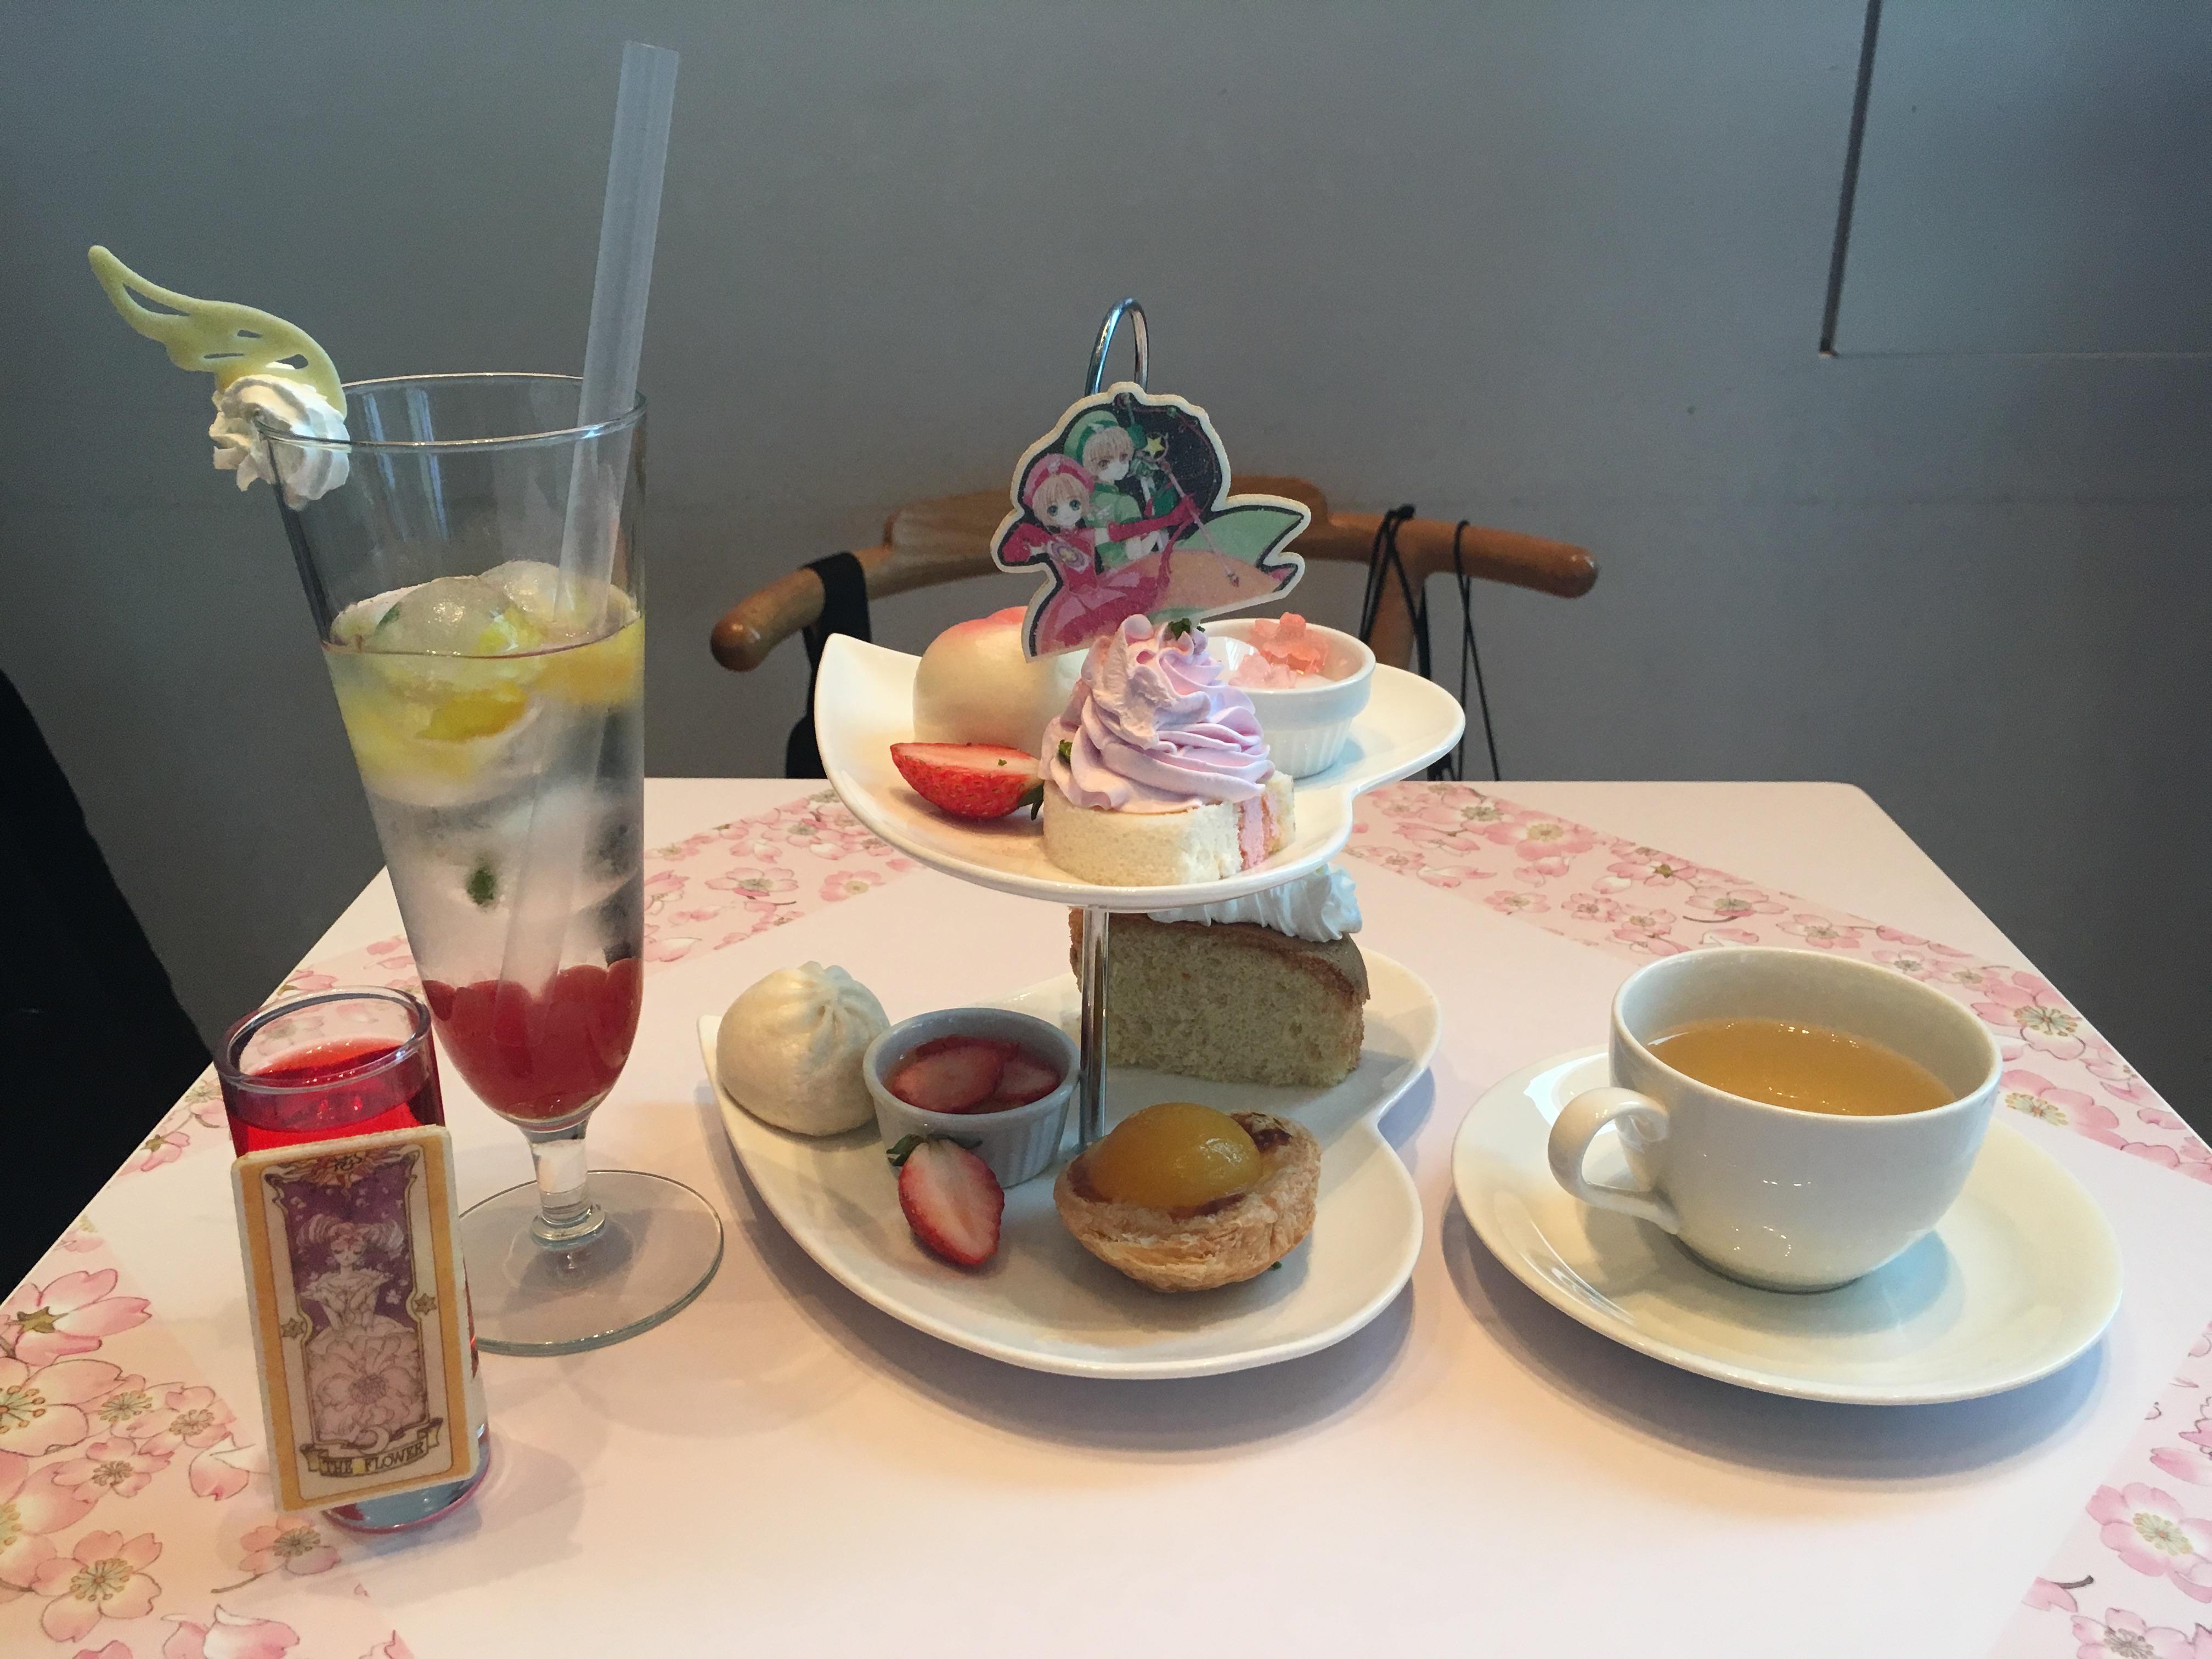 Cafe offering